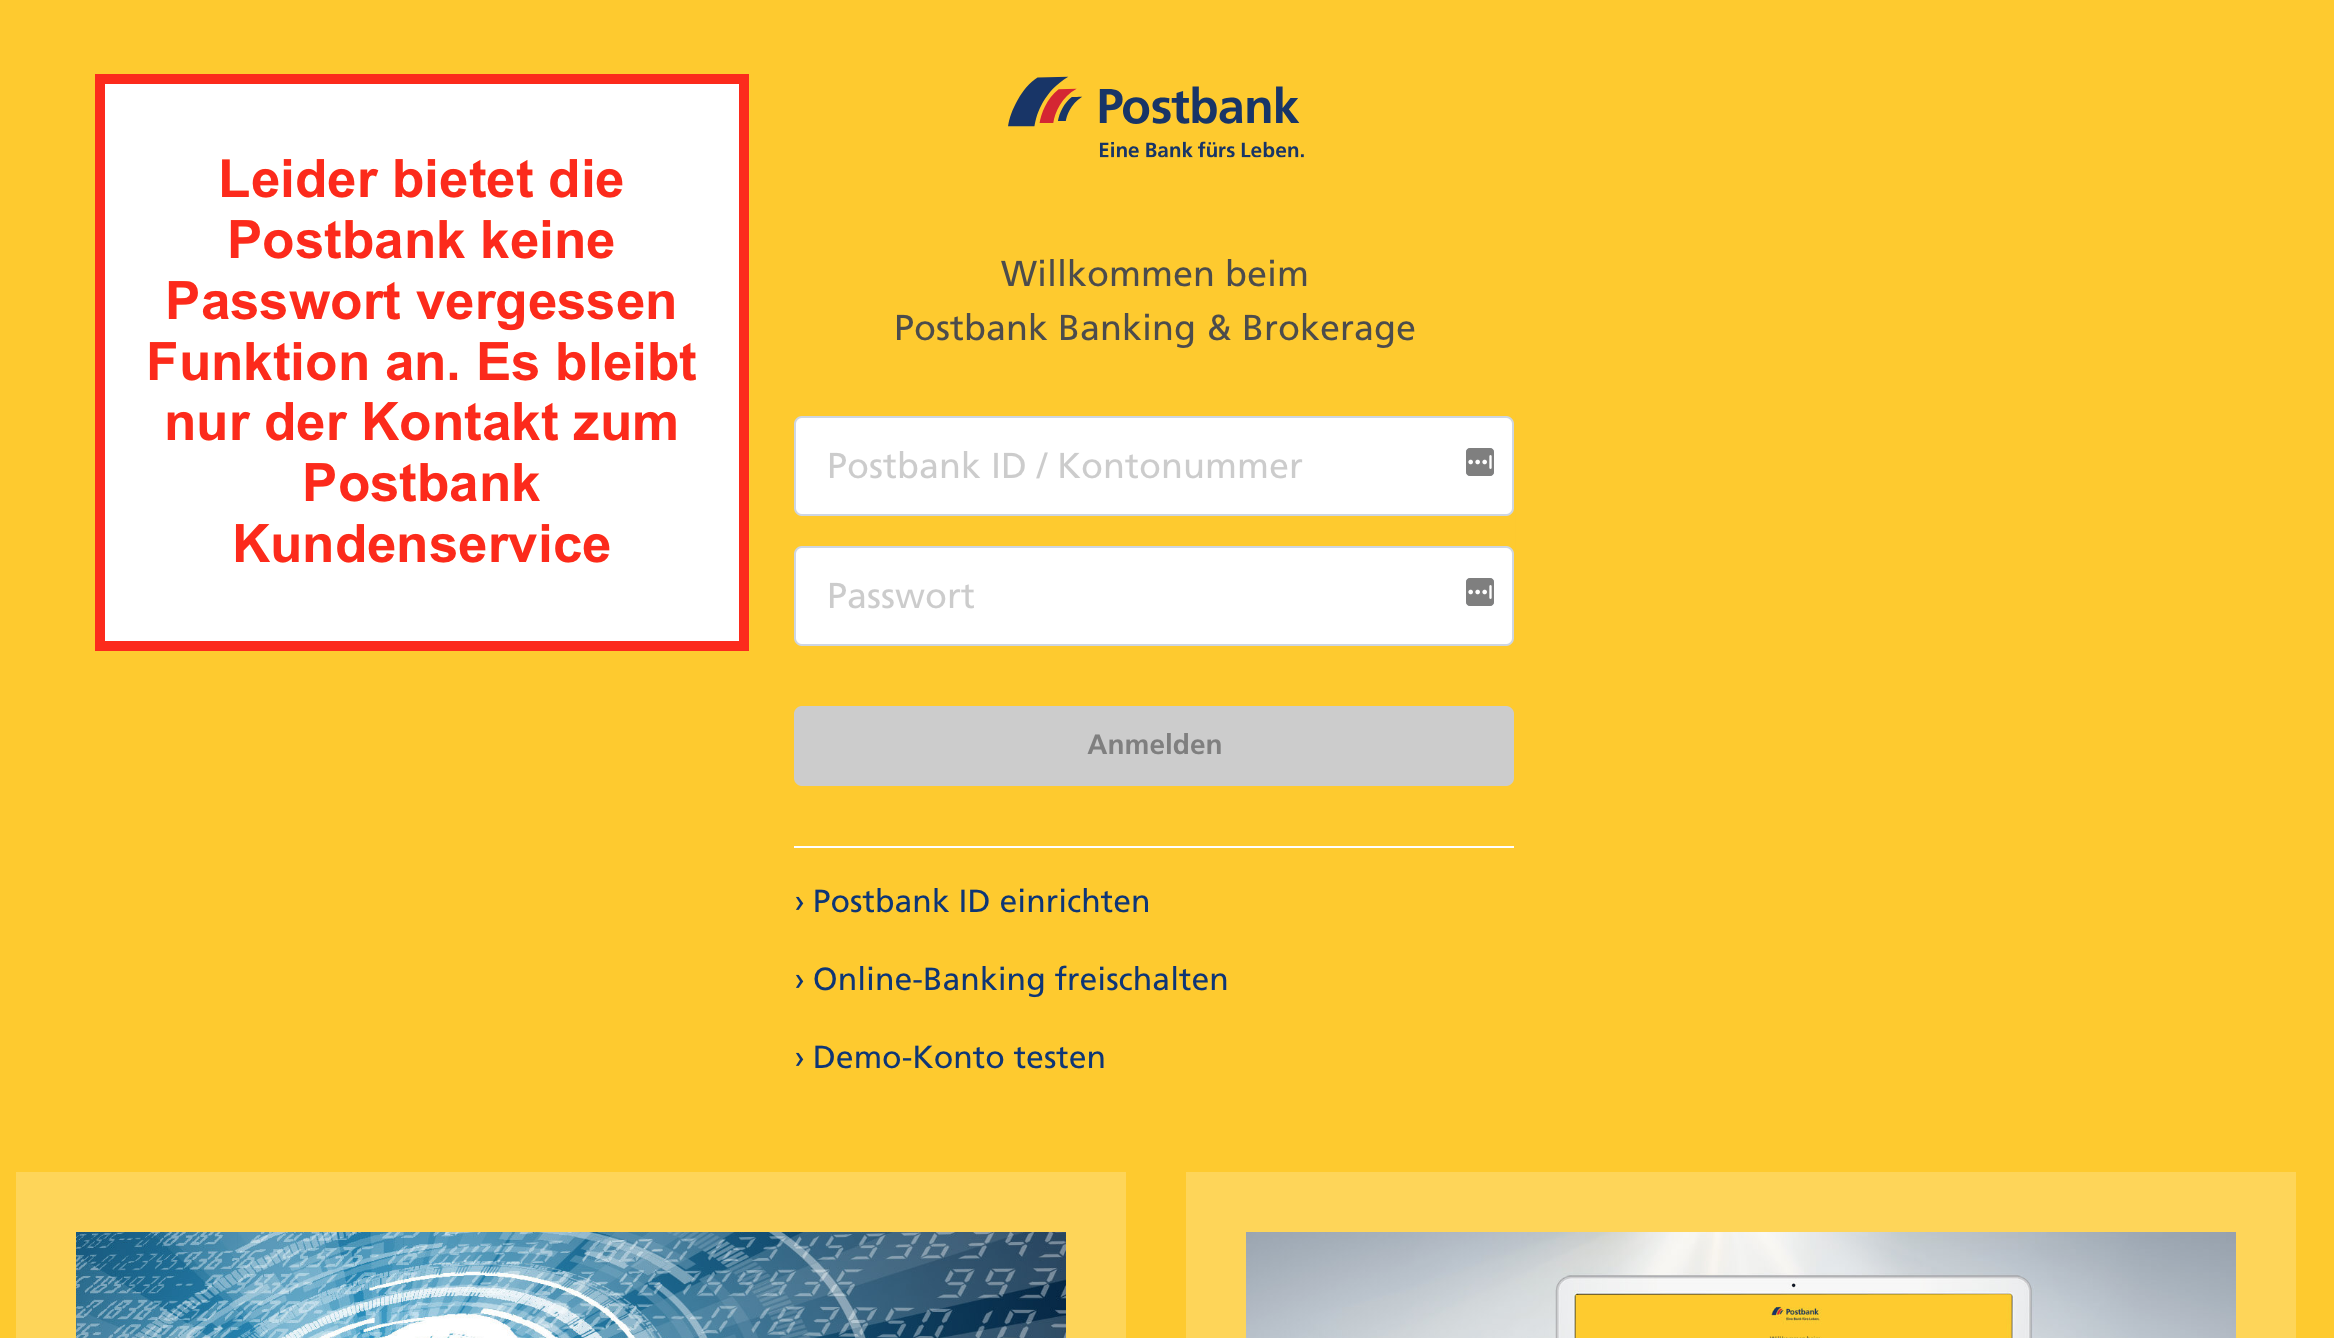 Postbank Passwort vergessen